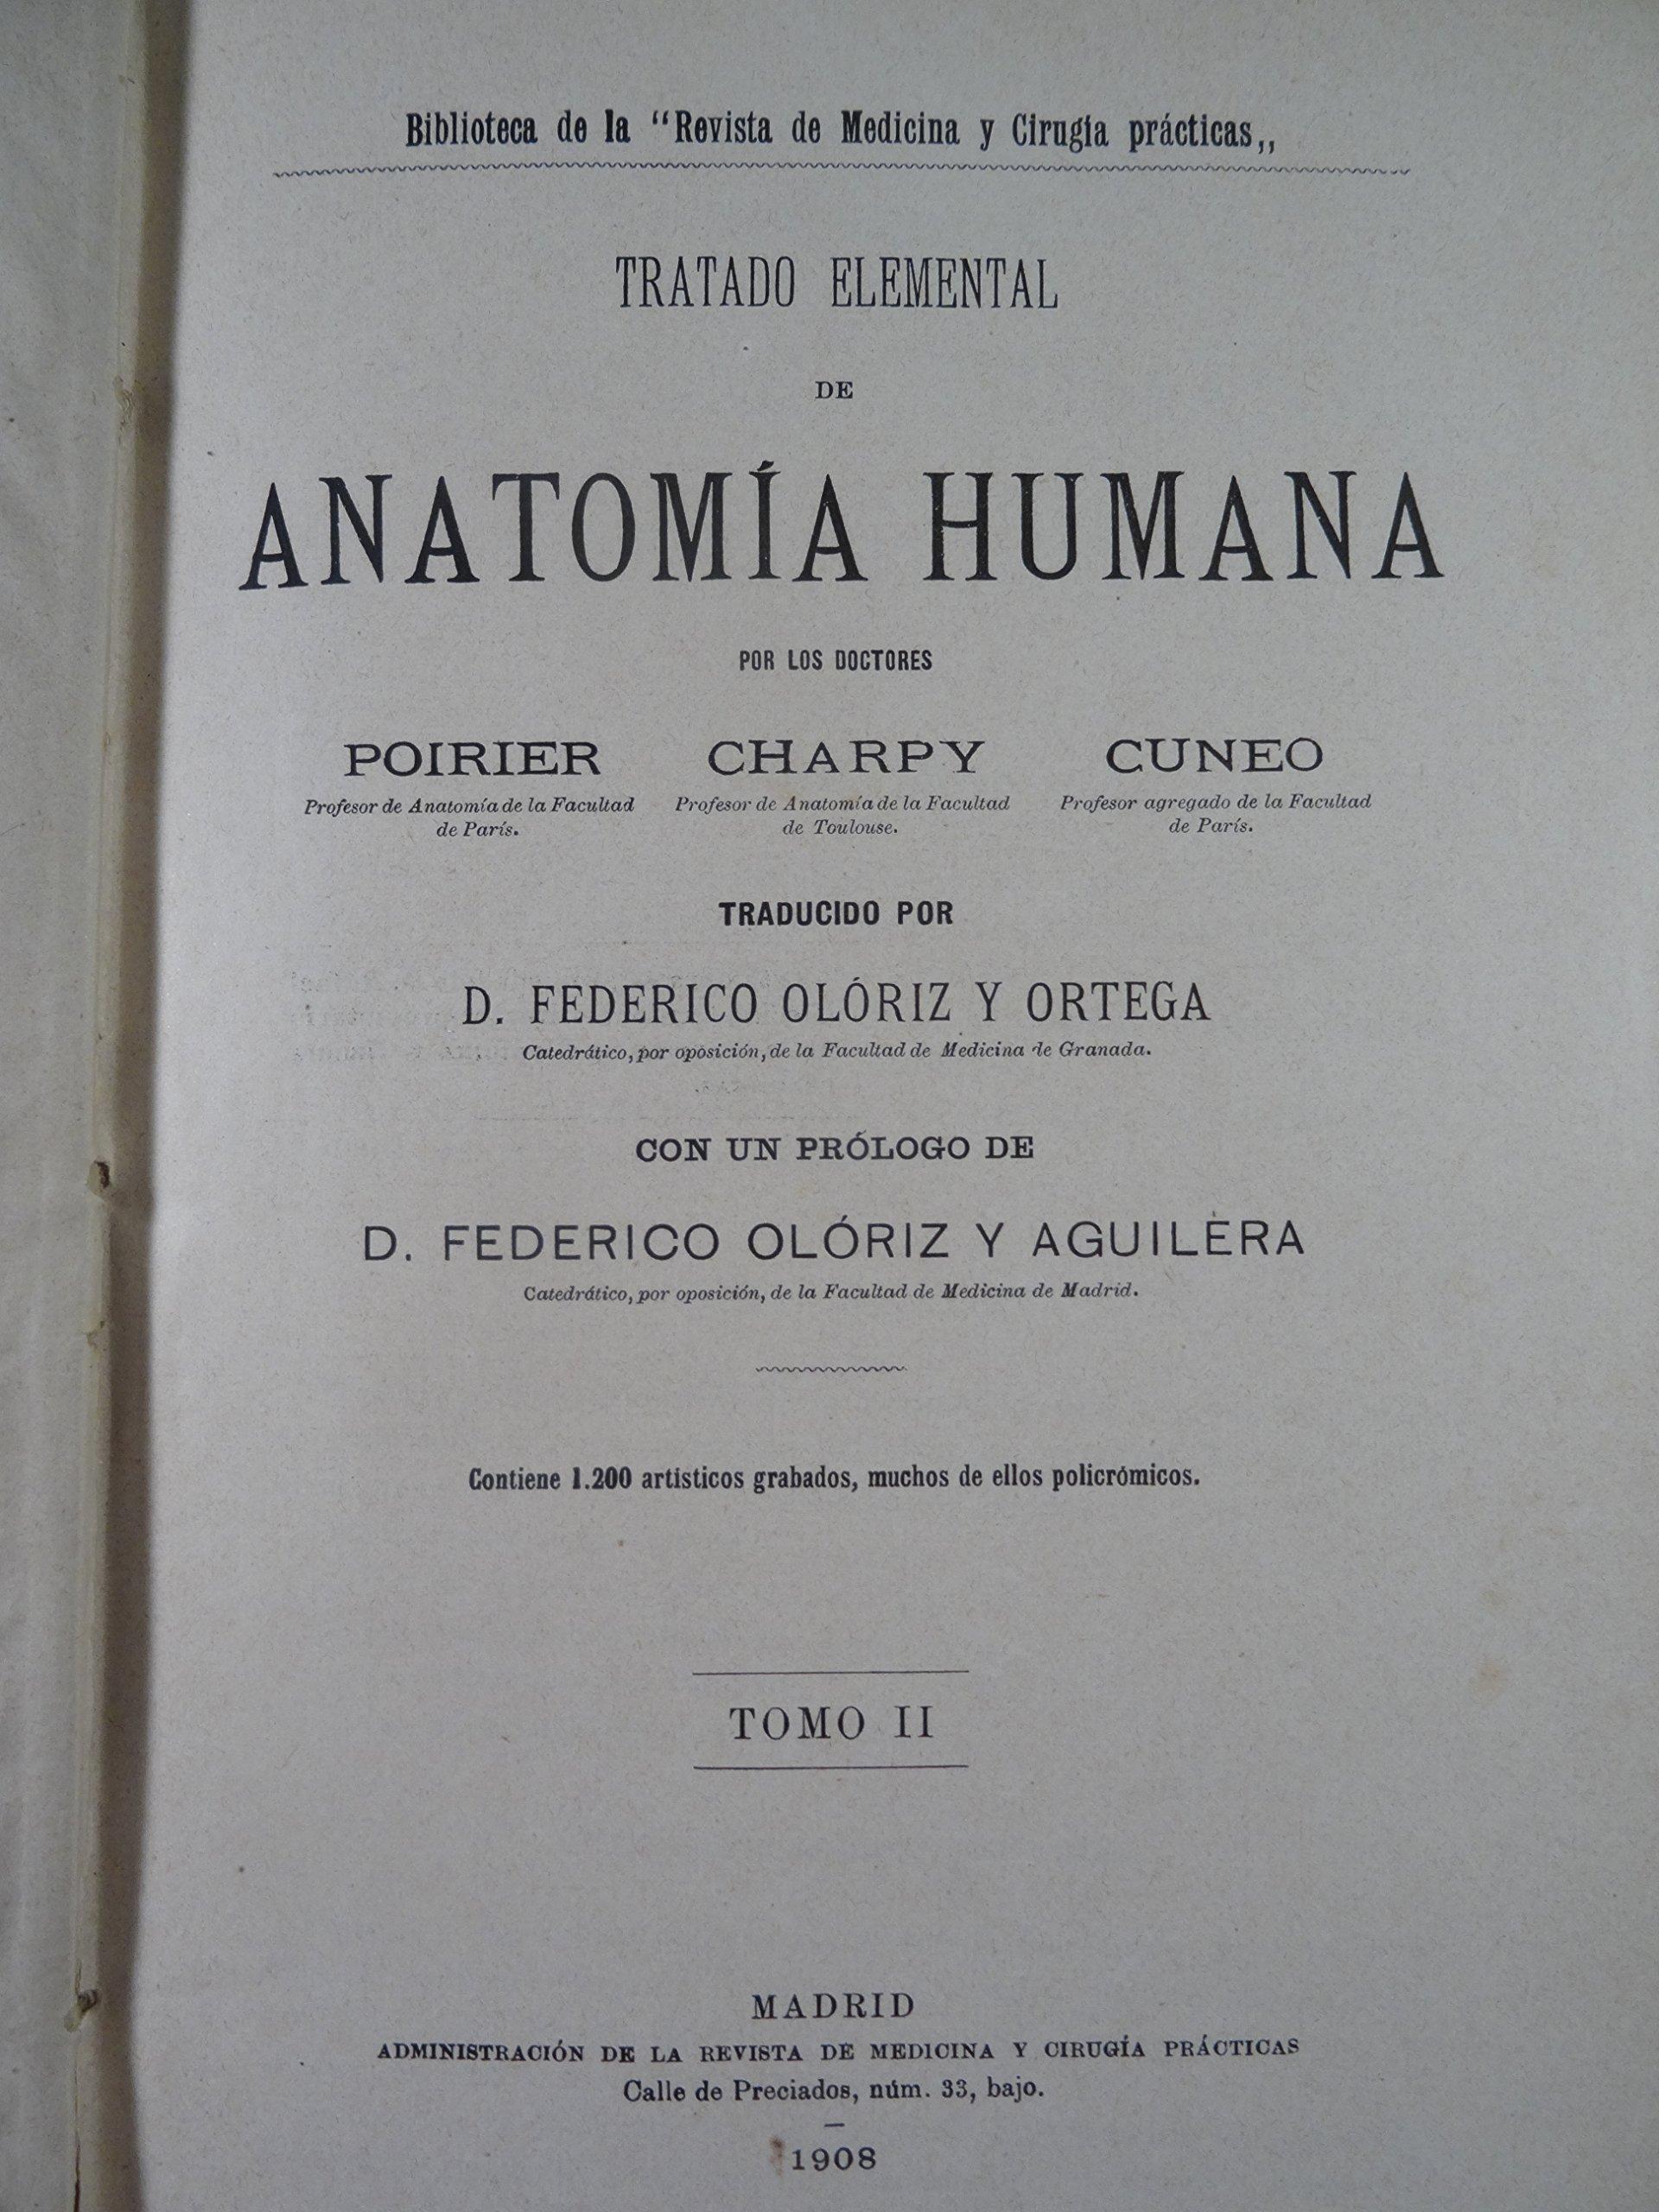 Tratado elemental de Anatomía Humana: Amazon.es: Charpy, Cuneo ...